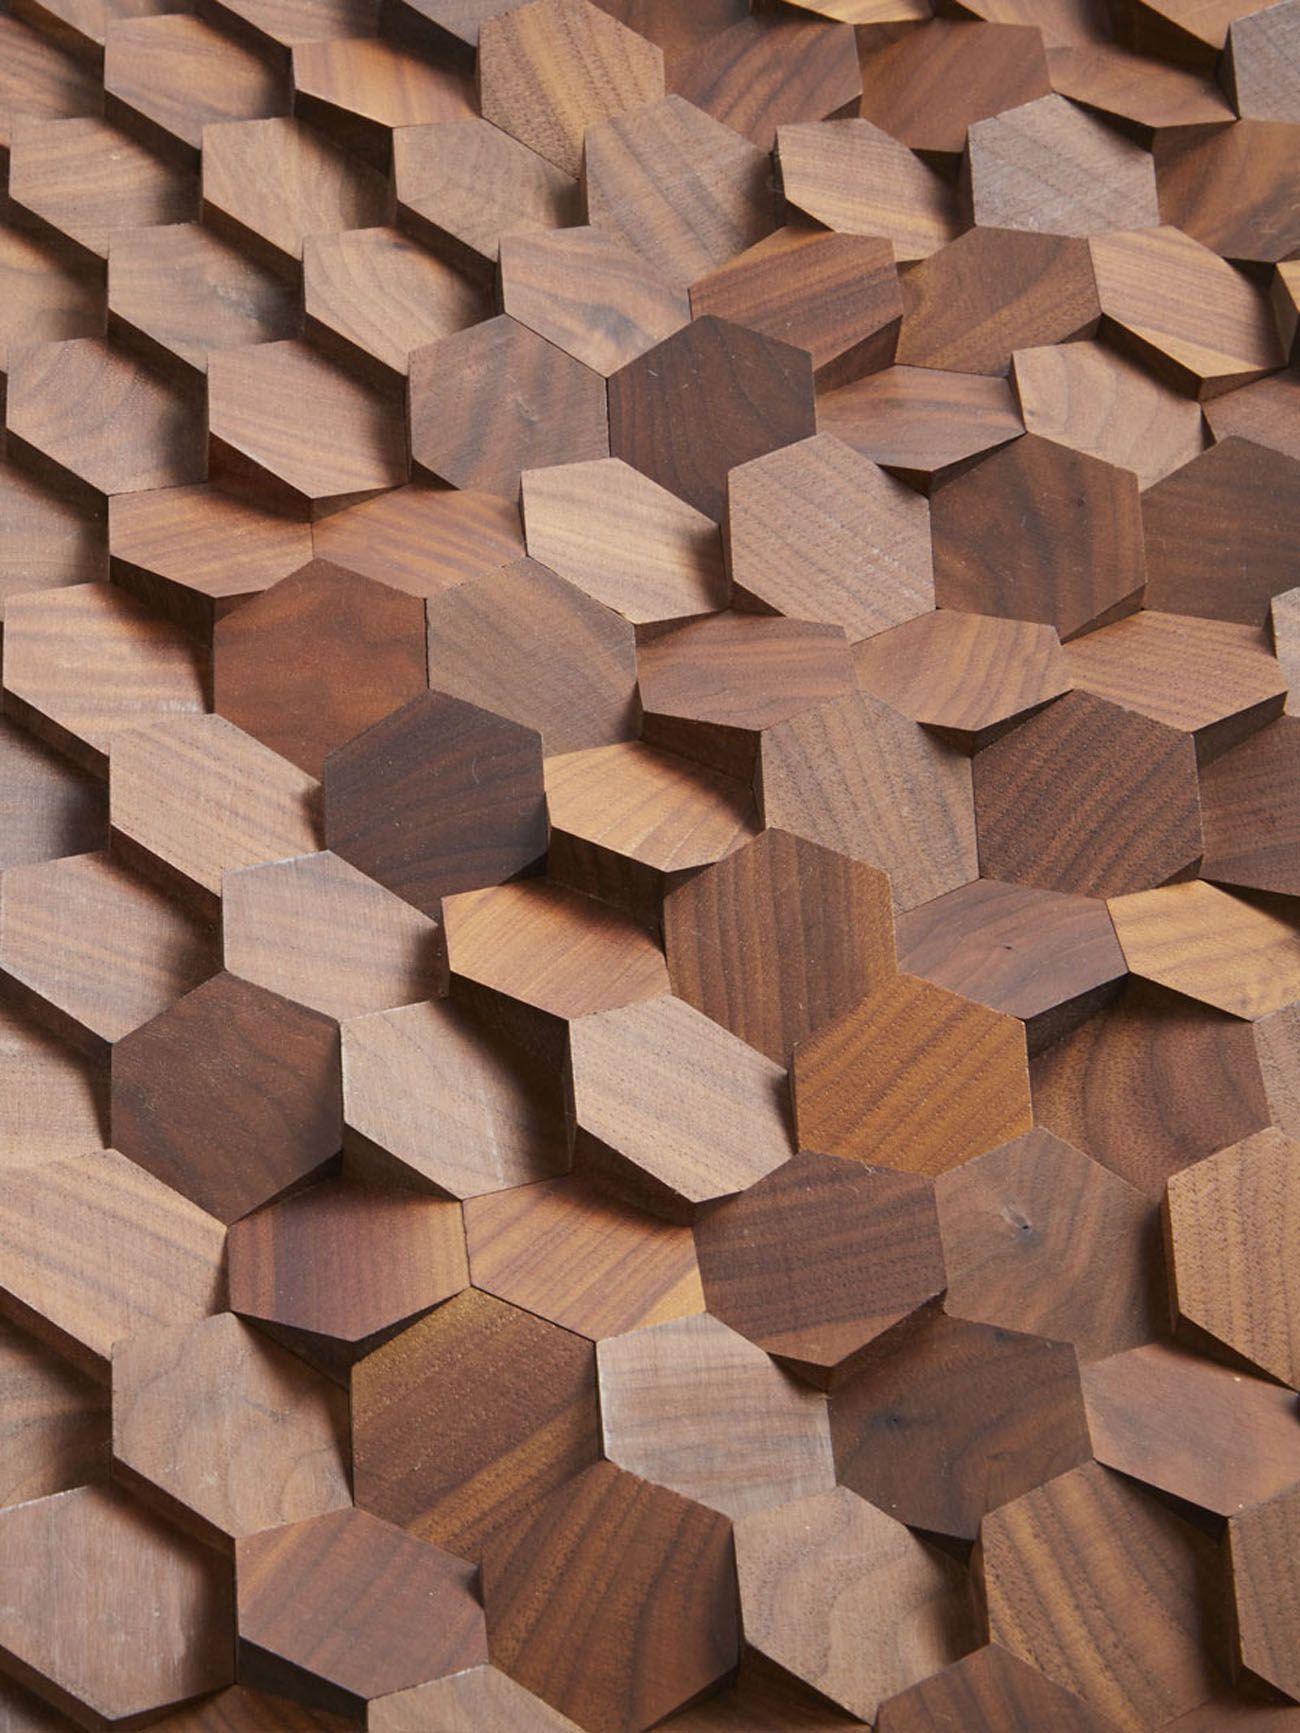 (Alexander_timber_solid_1) on pourrait aussi changer les formes pour intégrer des grains de café. Le bois évoque le grain de café, le marc de café, l'exotisme